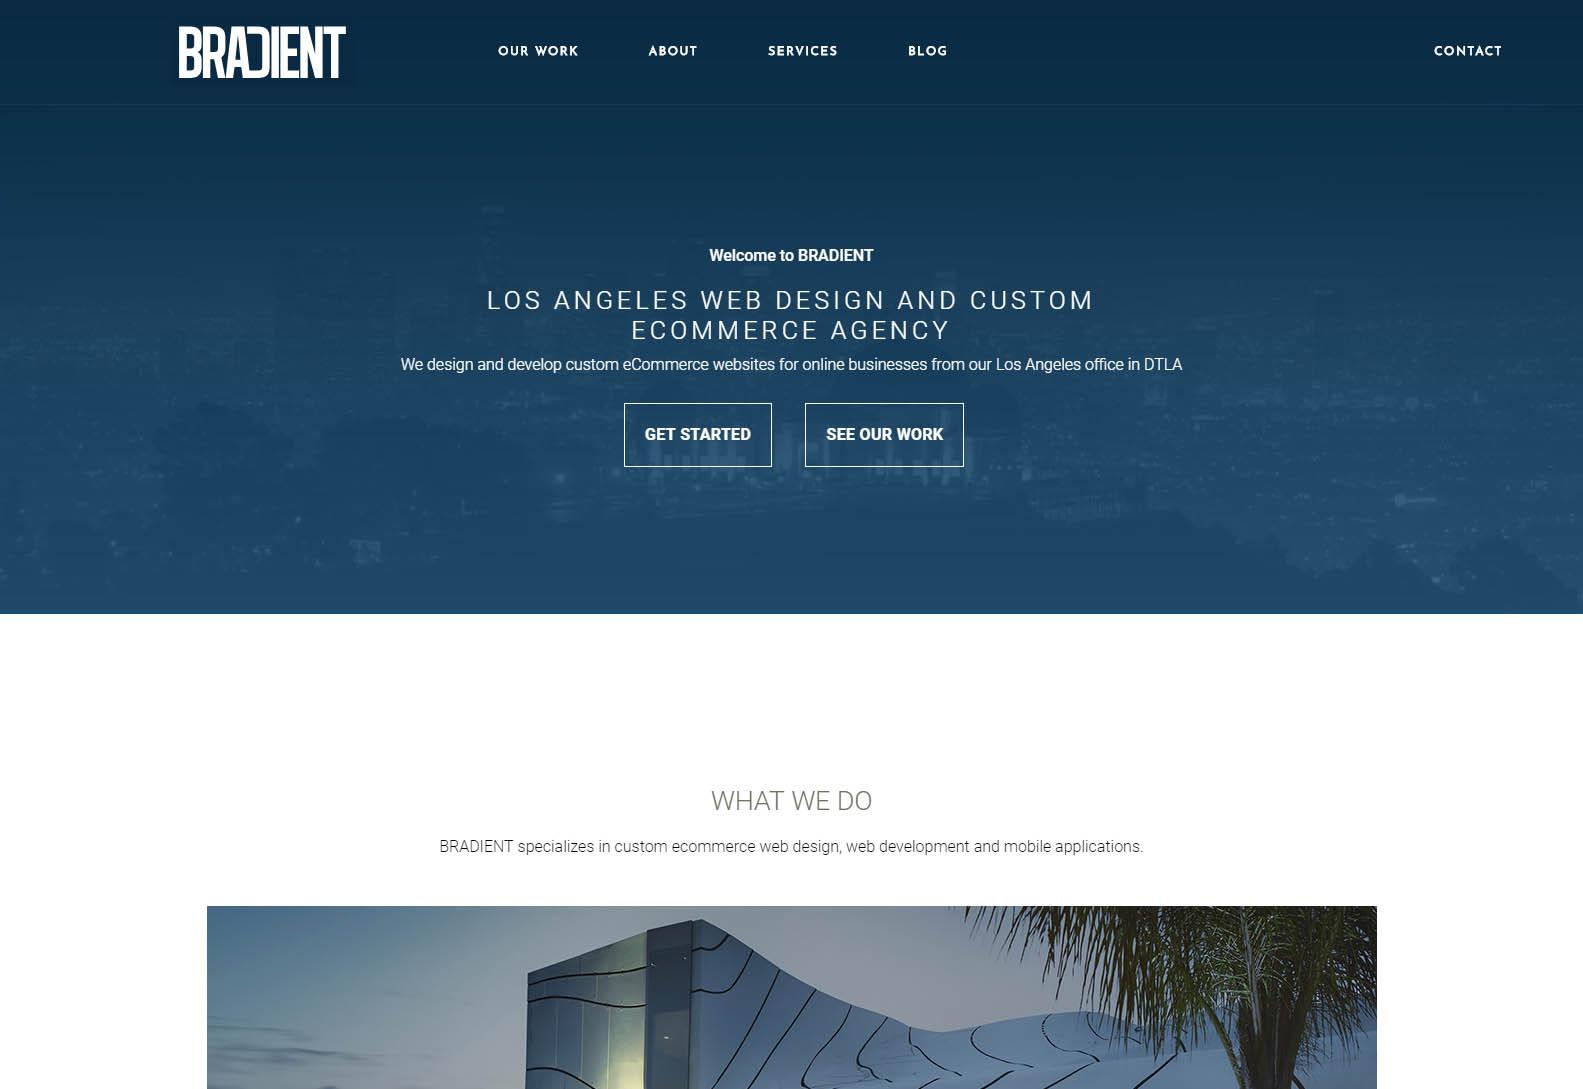 BRADIENT - Best Web Agencies in Los Angeles